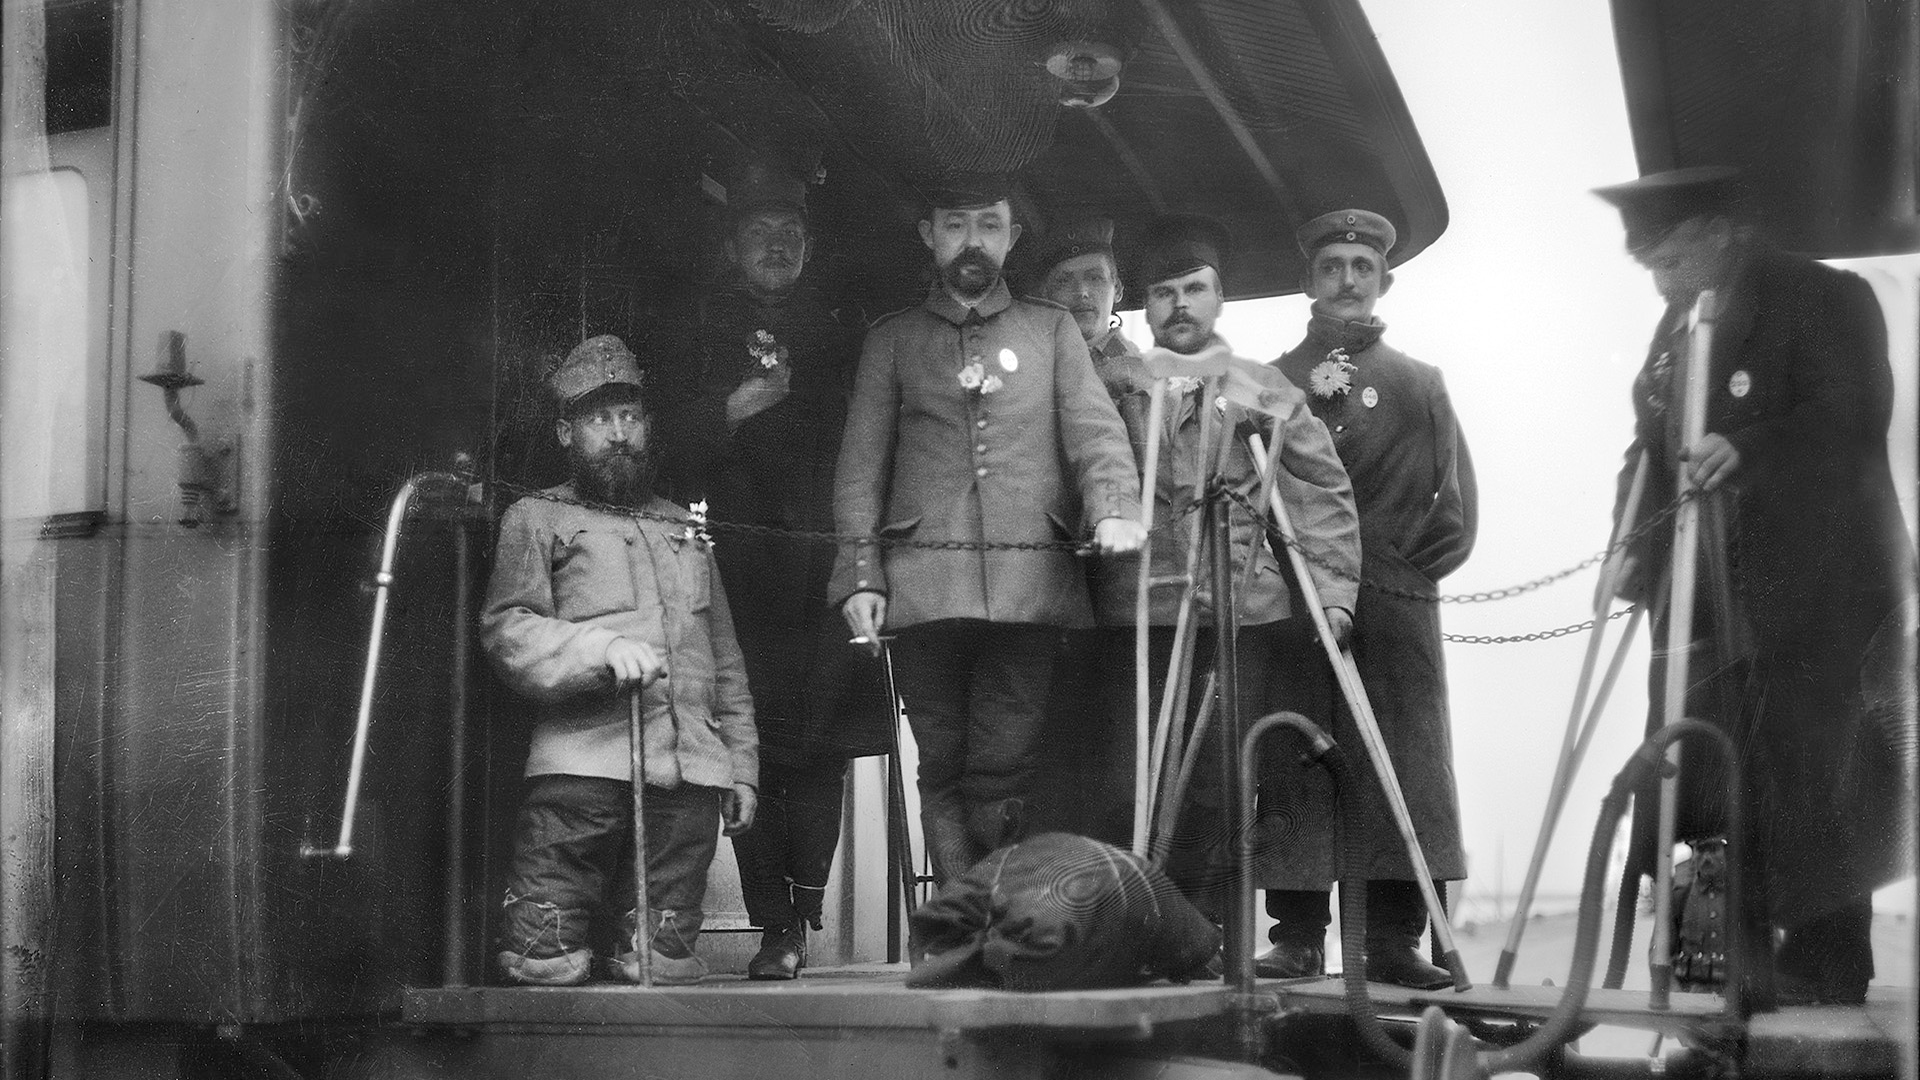 Skadade krigsfångar på ett tåg i Trelleborg